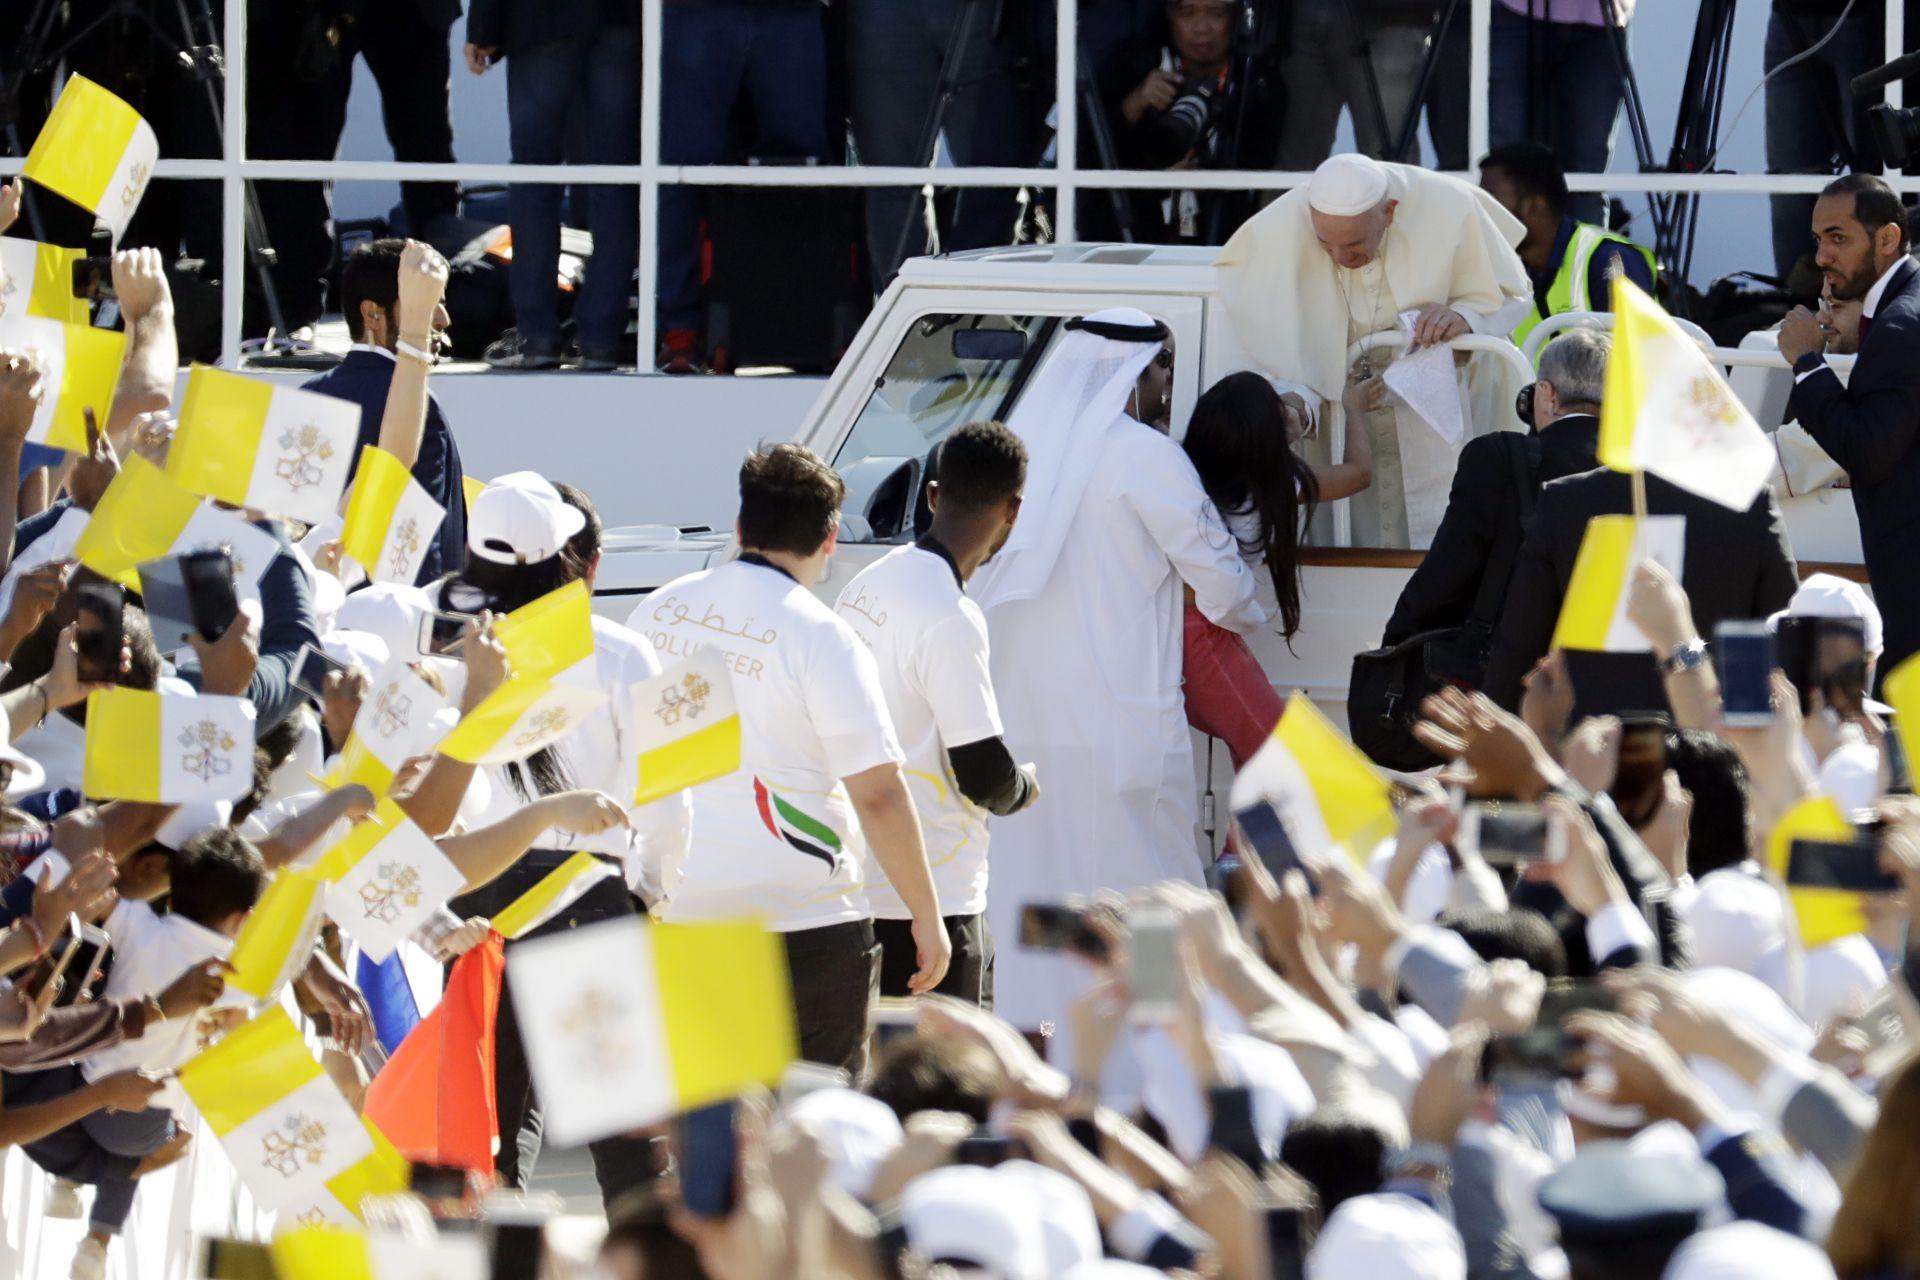 Момиченце се изплъзна на охраната и стигна до папата при пристигането му на стадион в ОАЕ, за да отслужи литургия